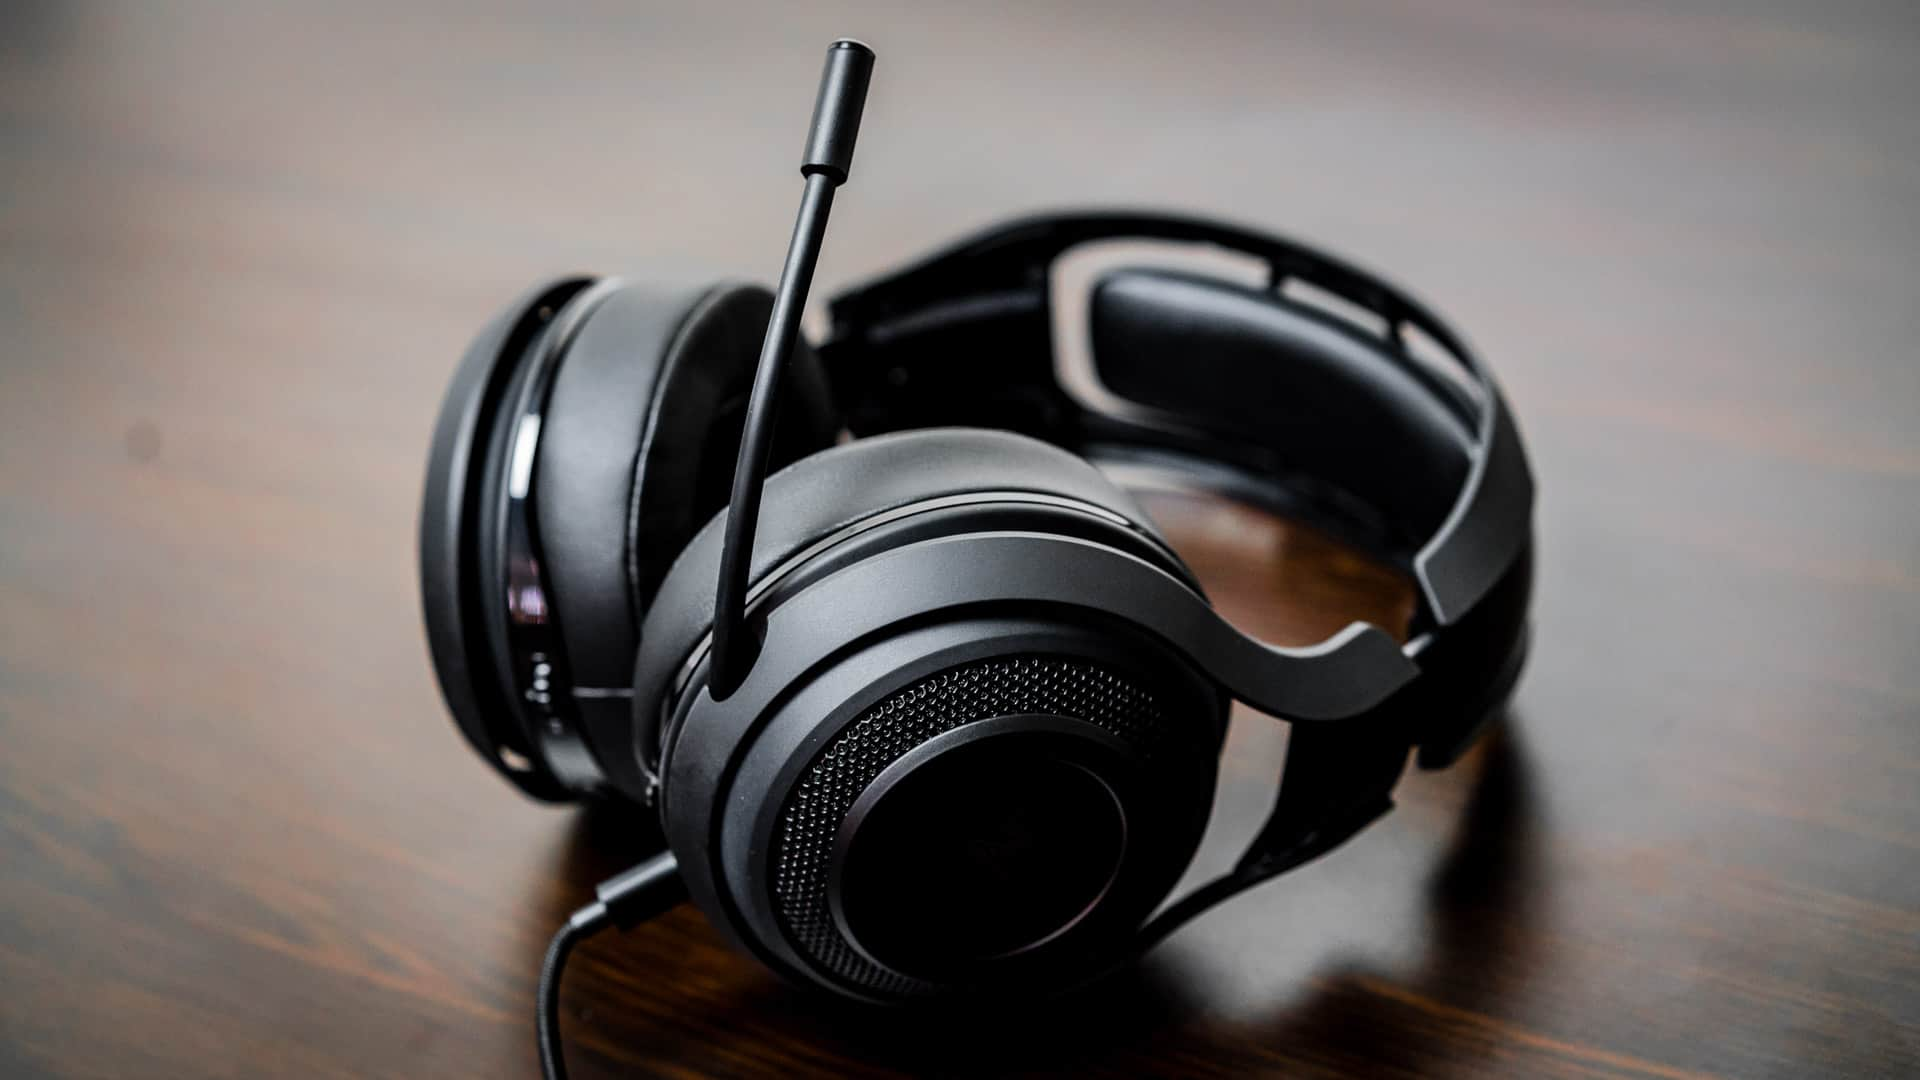 Razer ManO'War 7.1 – gaming headset